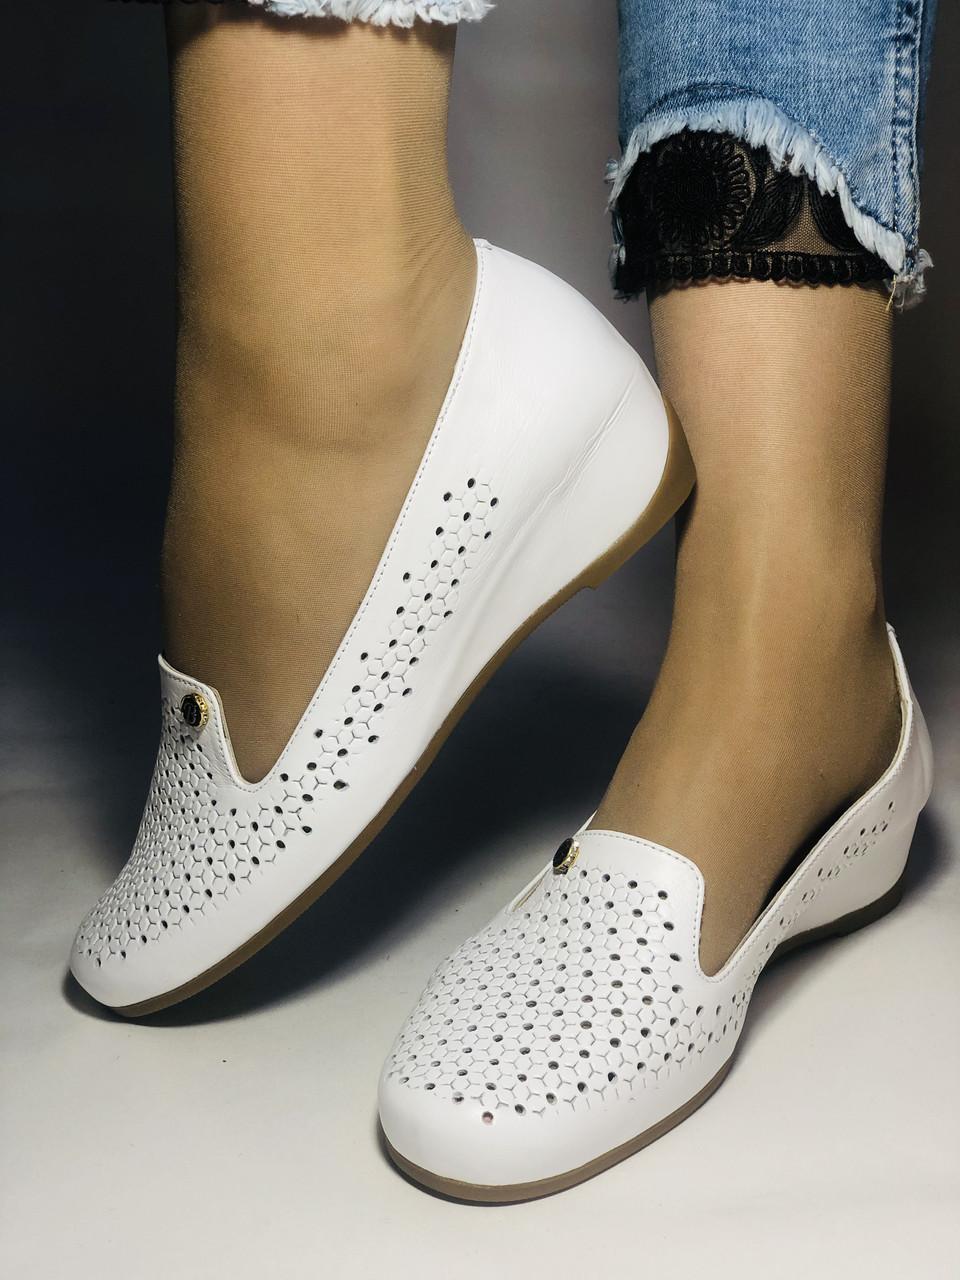 Женские туфли -балетки из натуральной кожи с перфорацией на невысокой платформе. 36,37, 38, 39, 40,41. Турция.